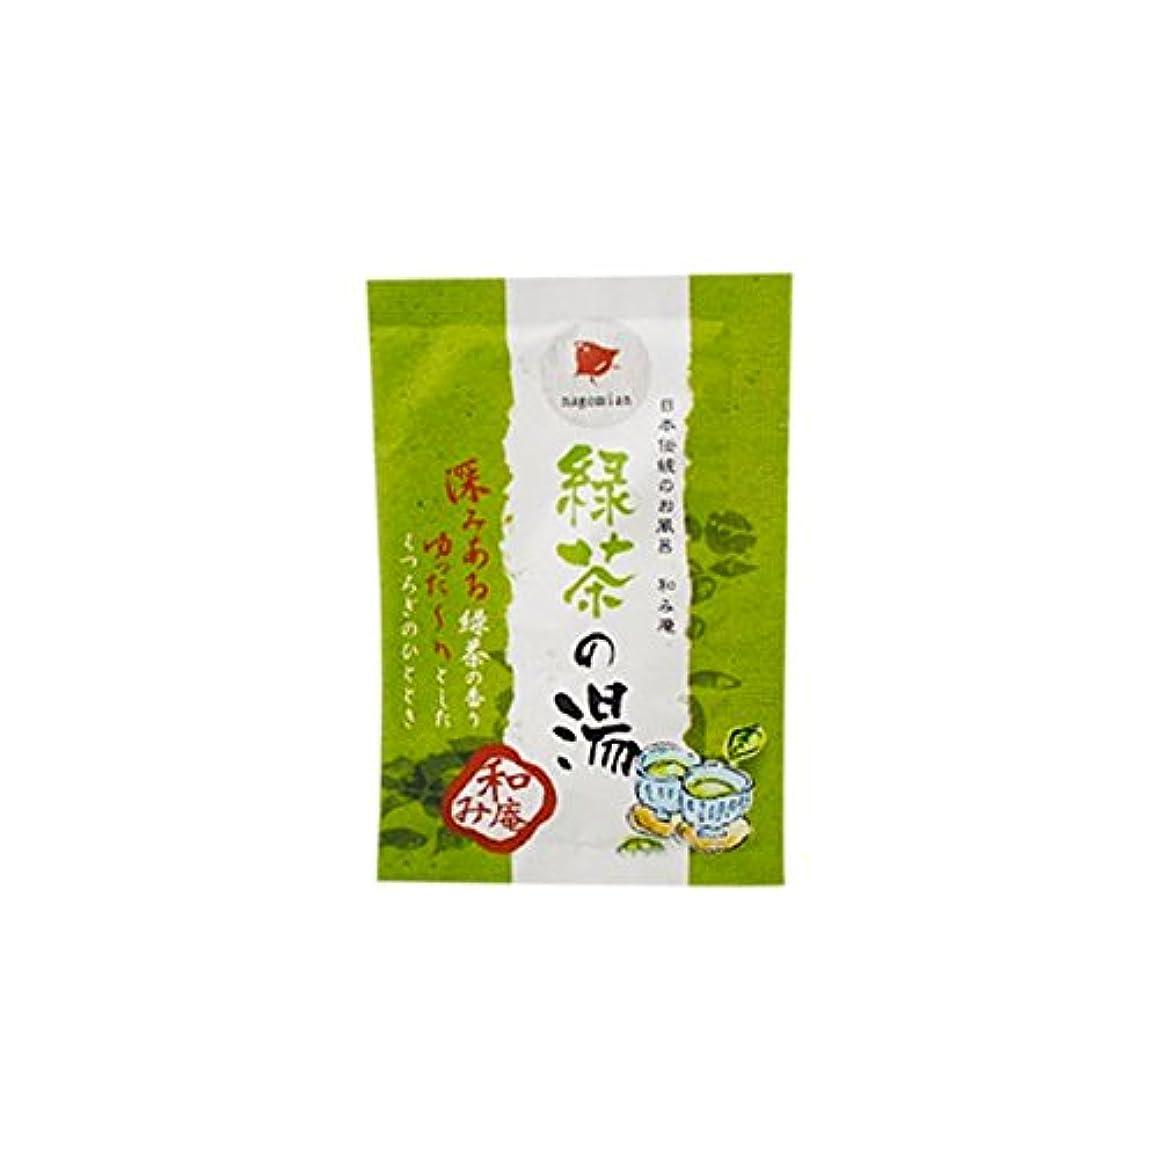 雄大な列車軍艦和み庵 入浴剤 「緑茶の湯」30個